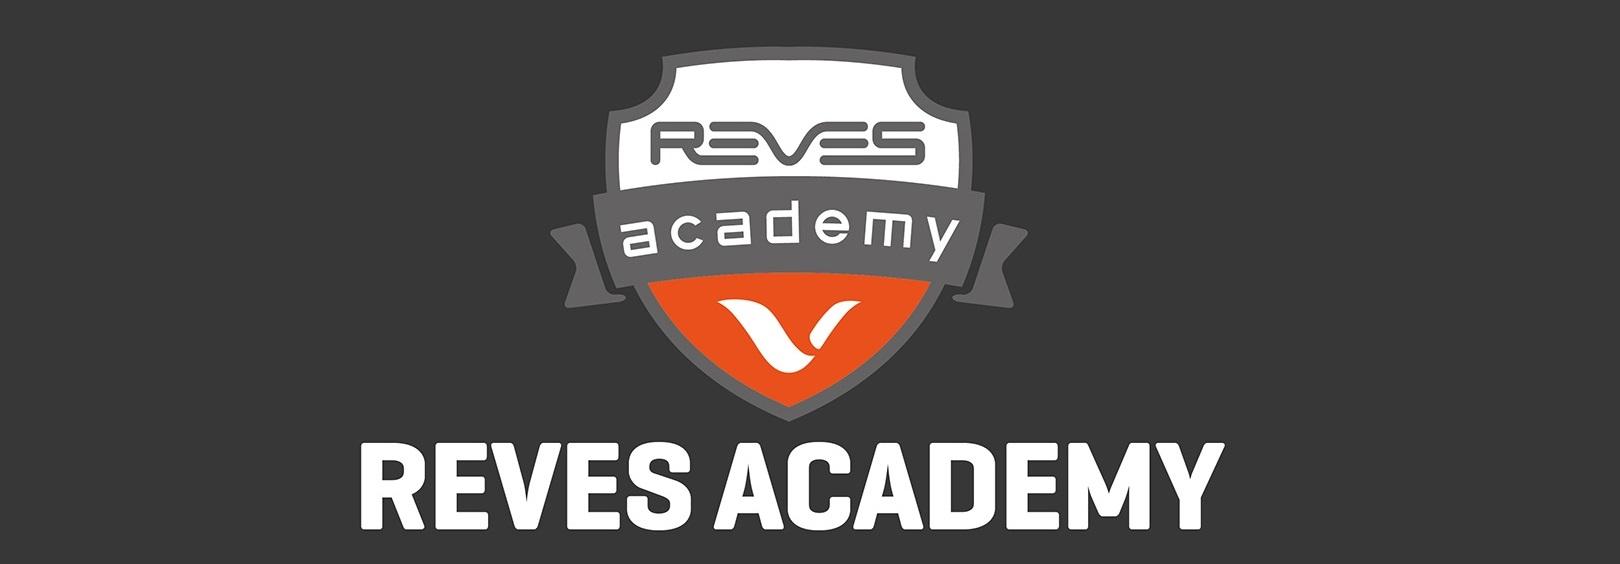 reves-academy